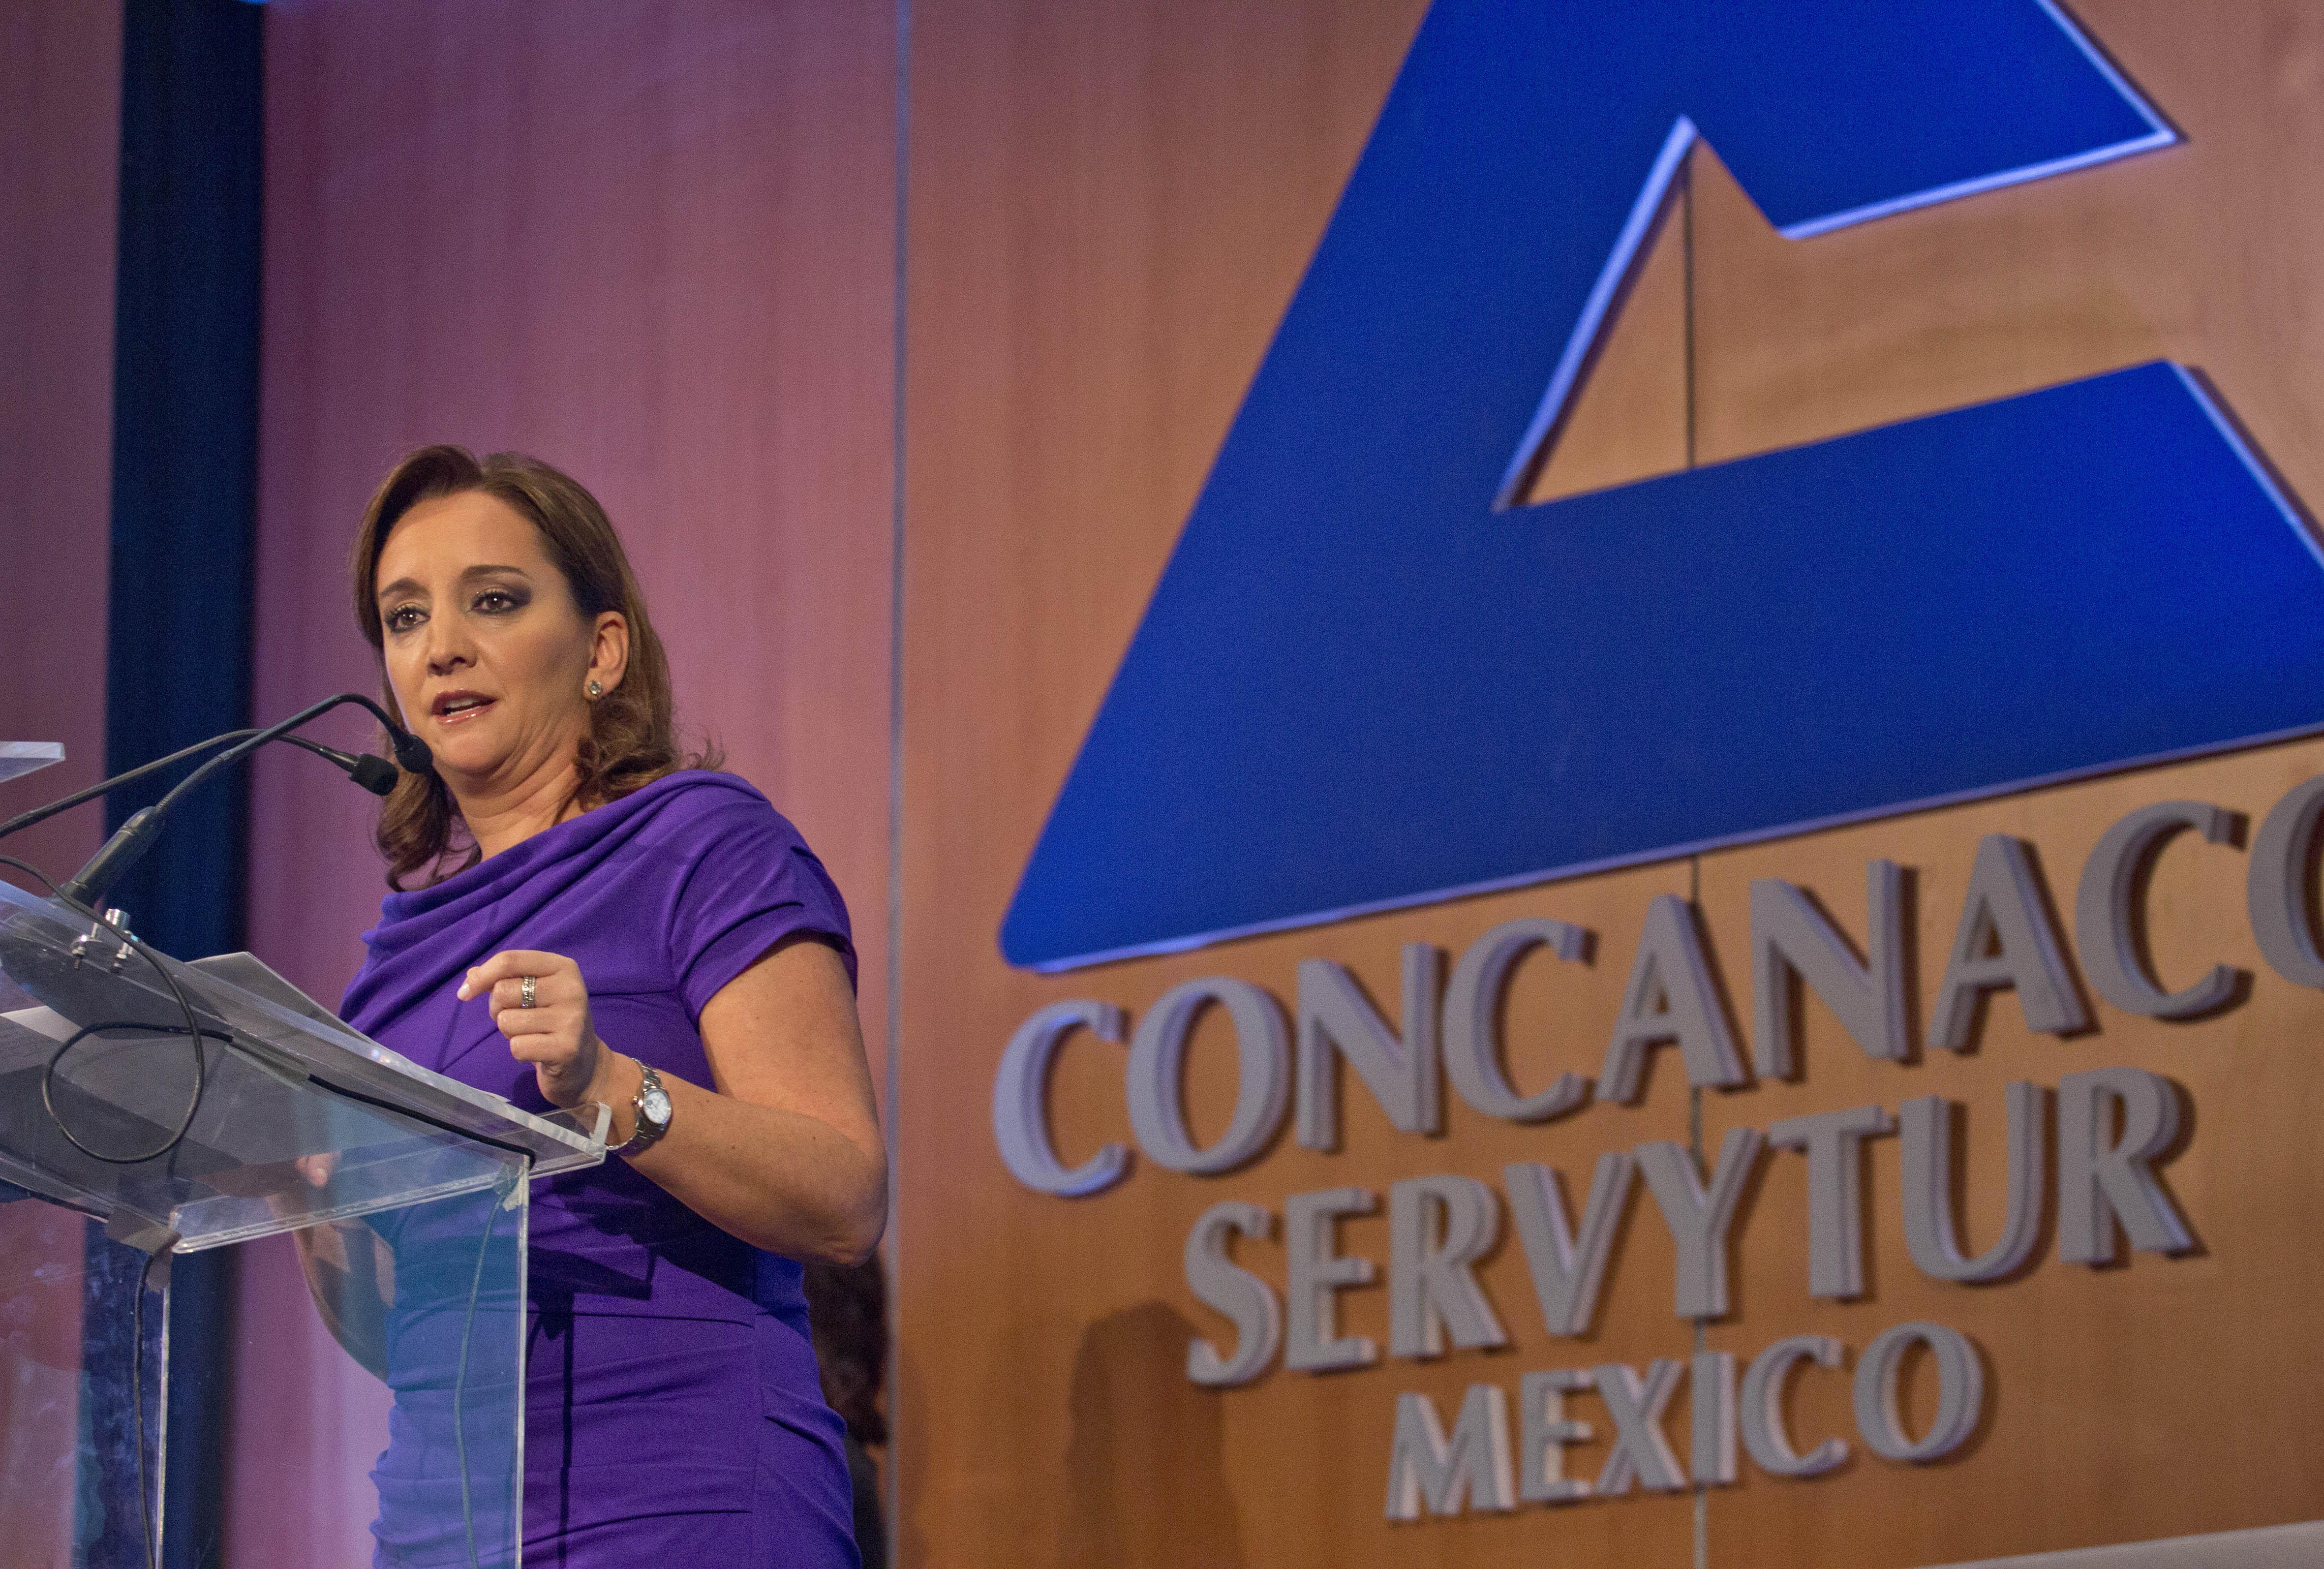 La Mtra. Claudia Ruiz Massieu, Secretaria de Turismo, en conferencia en el marco de la reunión plenaria de la Confederación de Cámaras Nacionales de Comercio, Servicios y Turismo (Concanaco-Servytur).